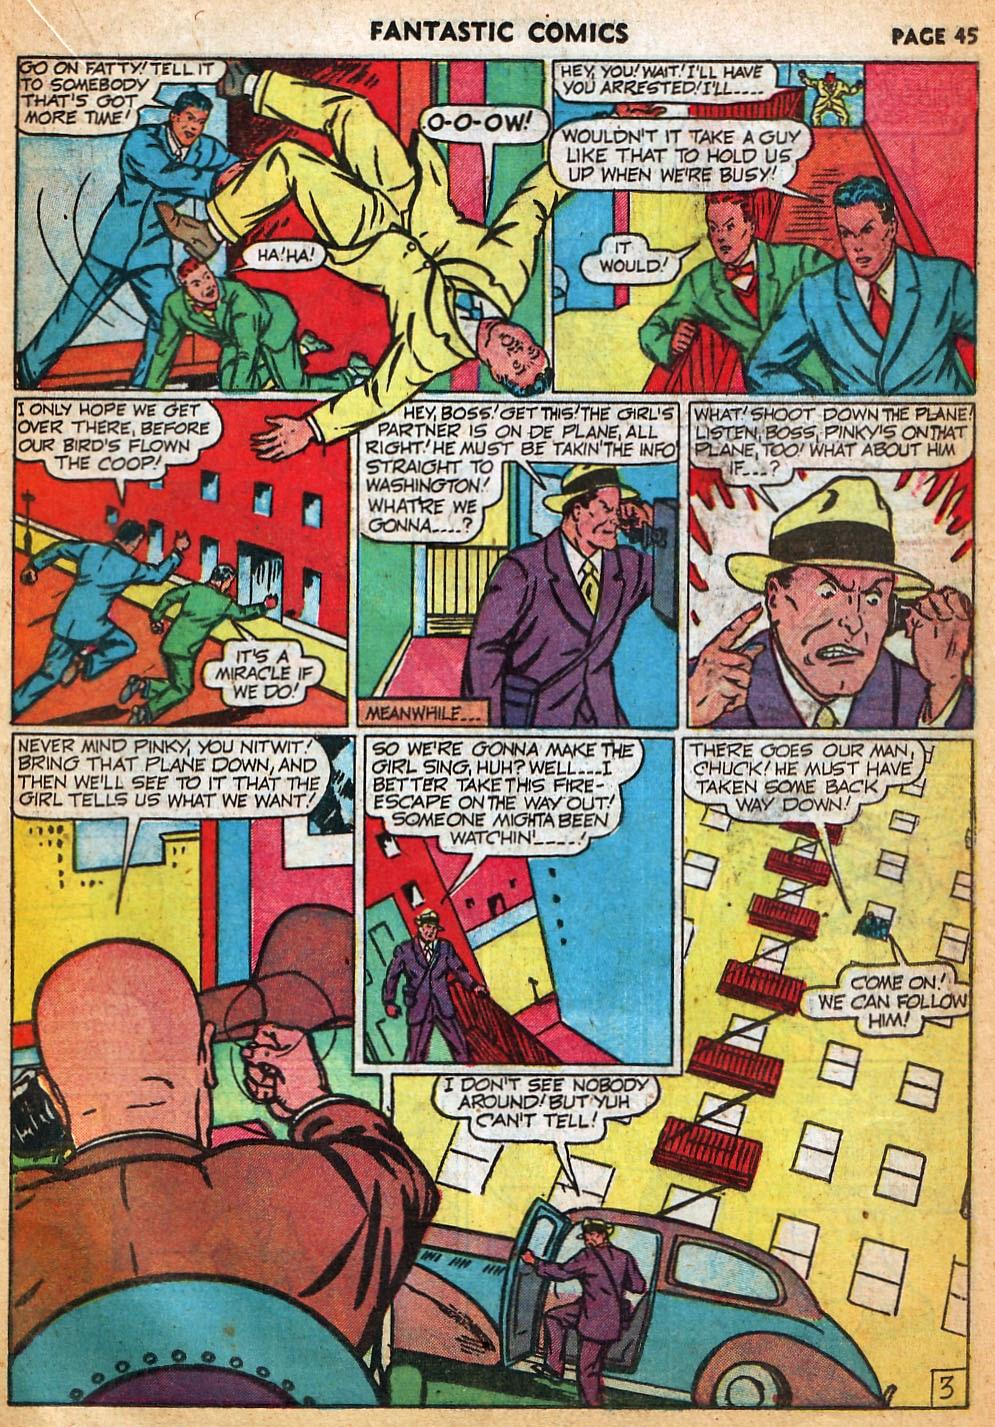 Read online Fantastic Comics comic -  Issue #22 - 46